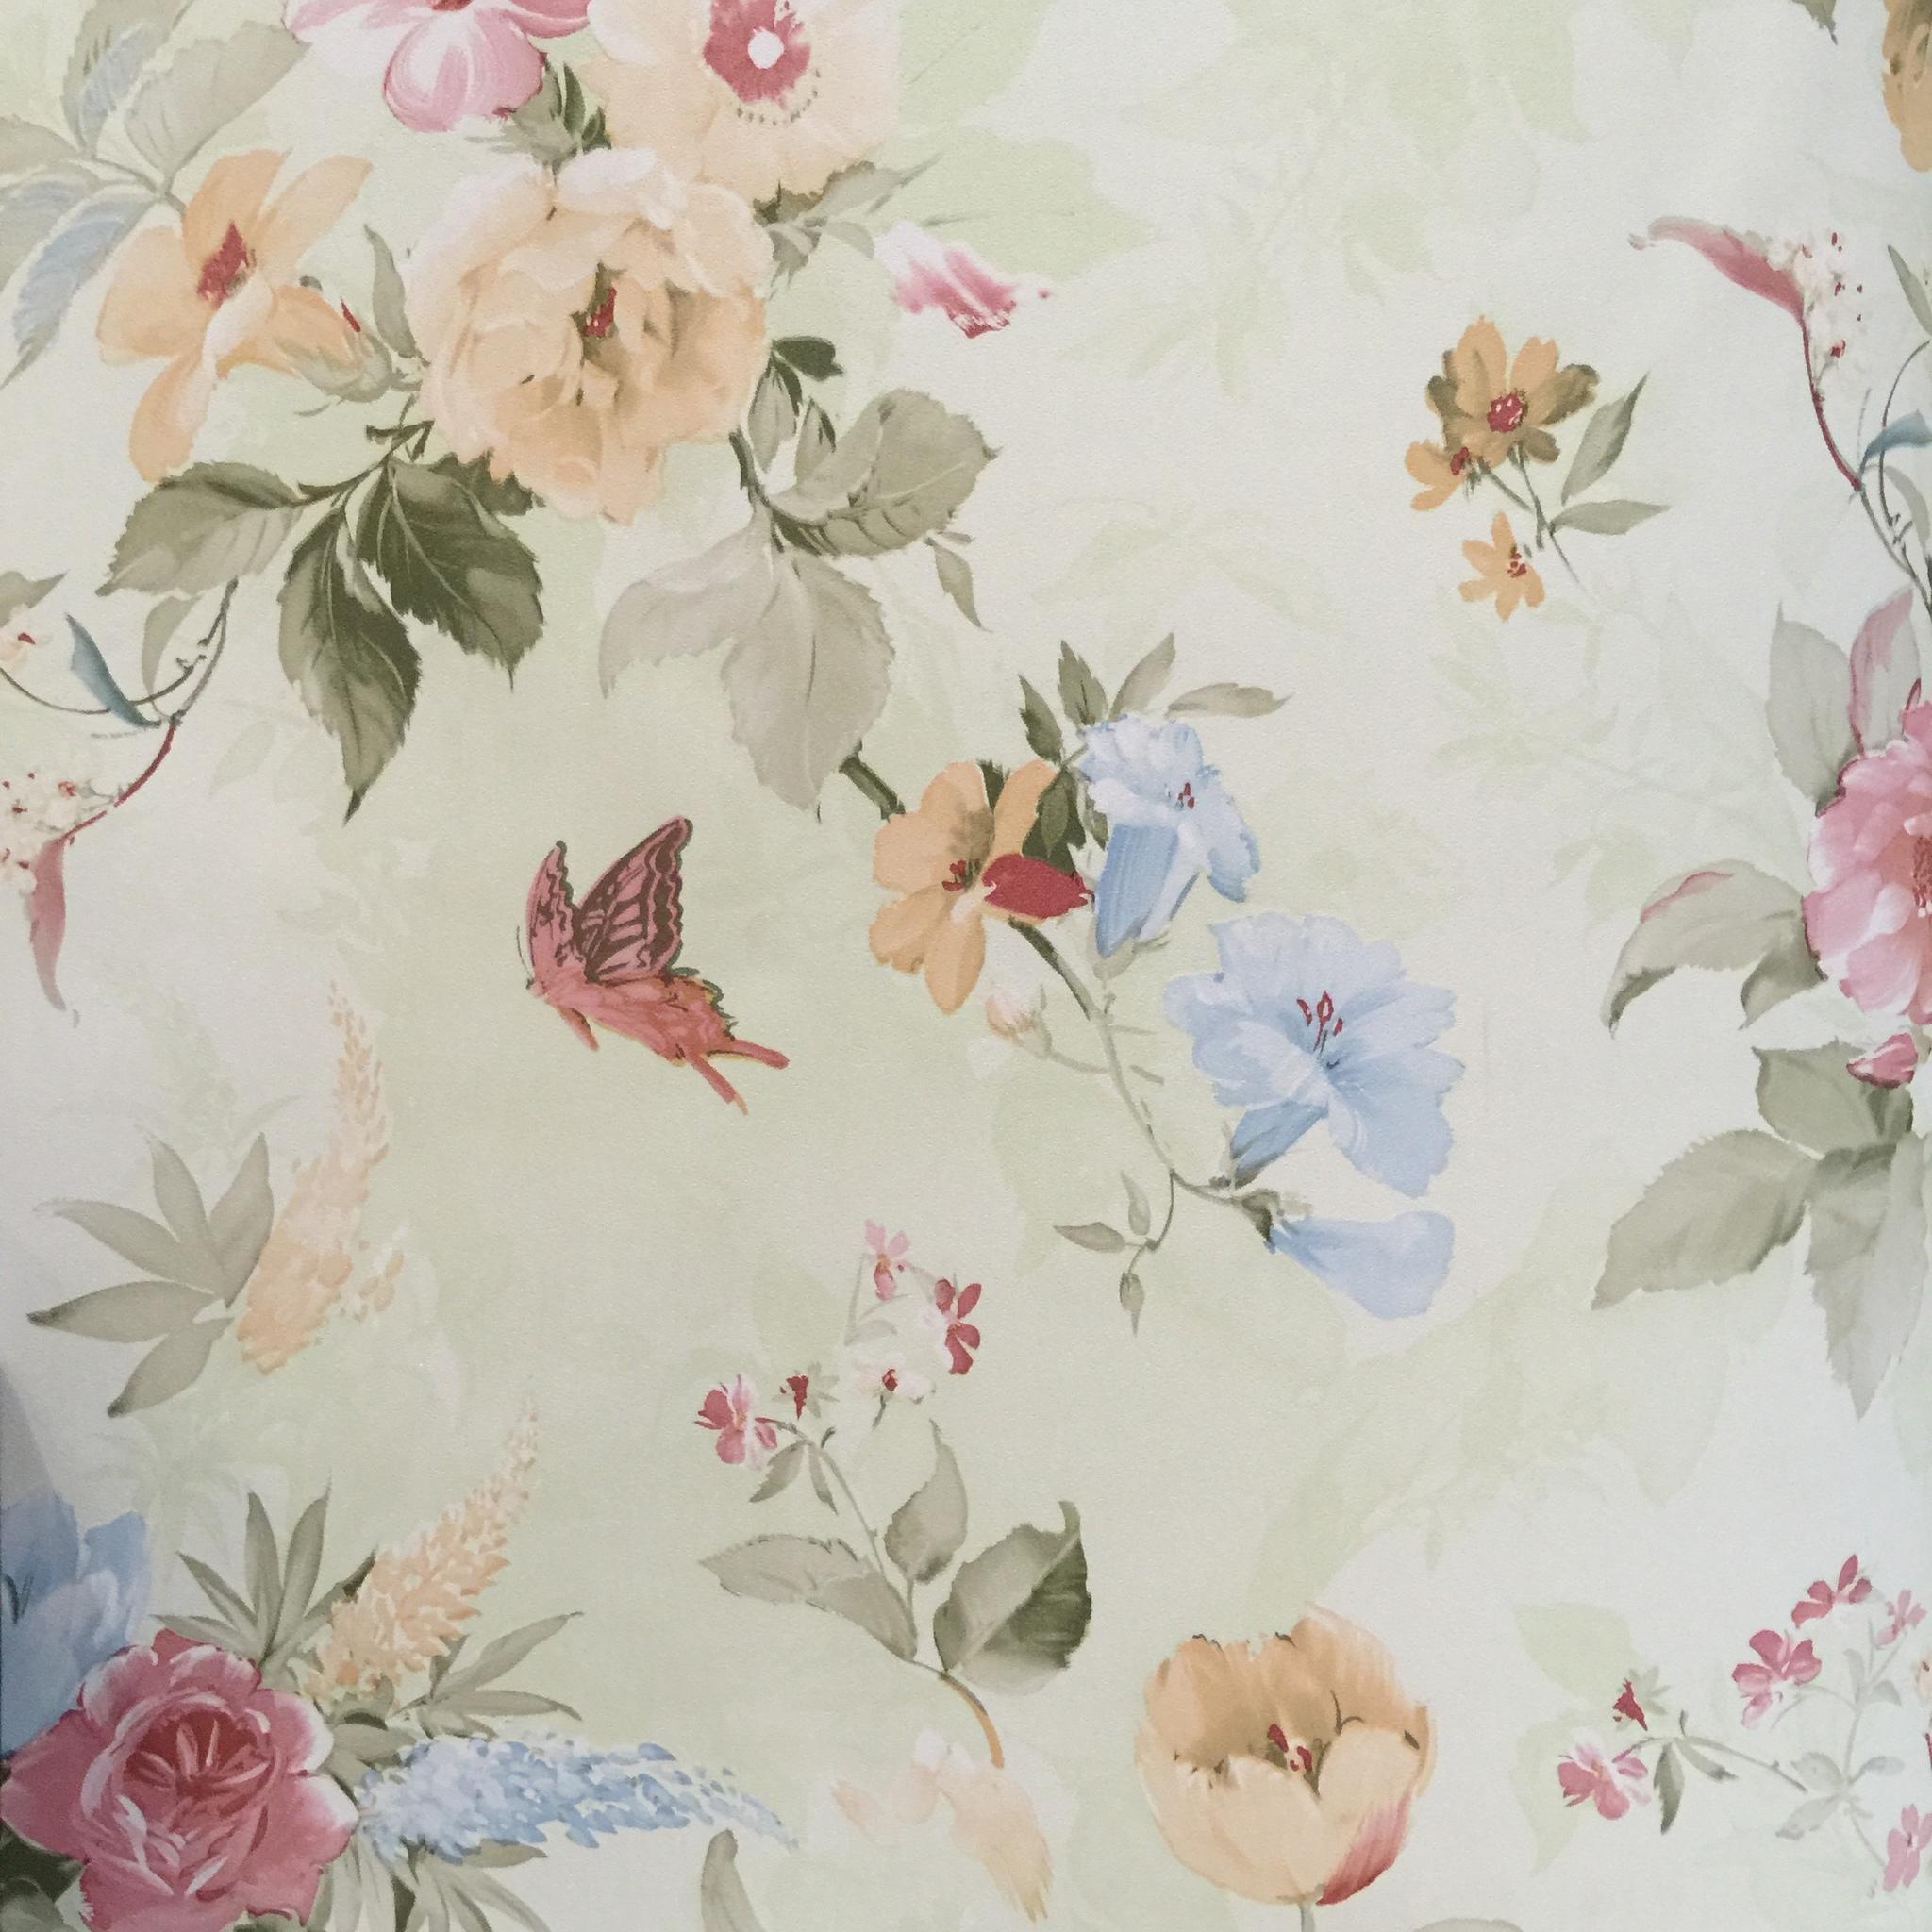 Jual Wallpaper Bunga Shabbychic Klasik Code PG04M Marigold